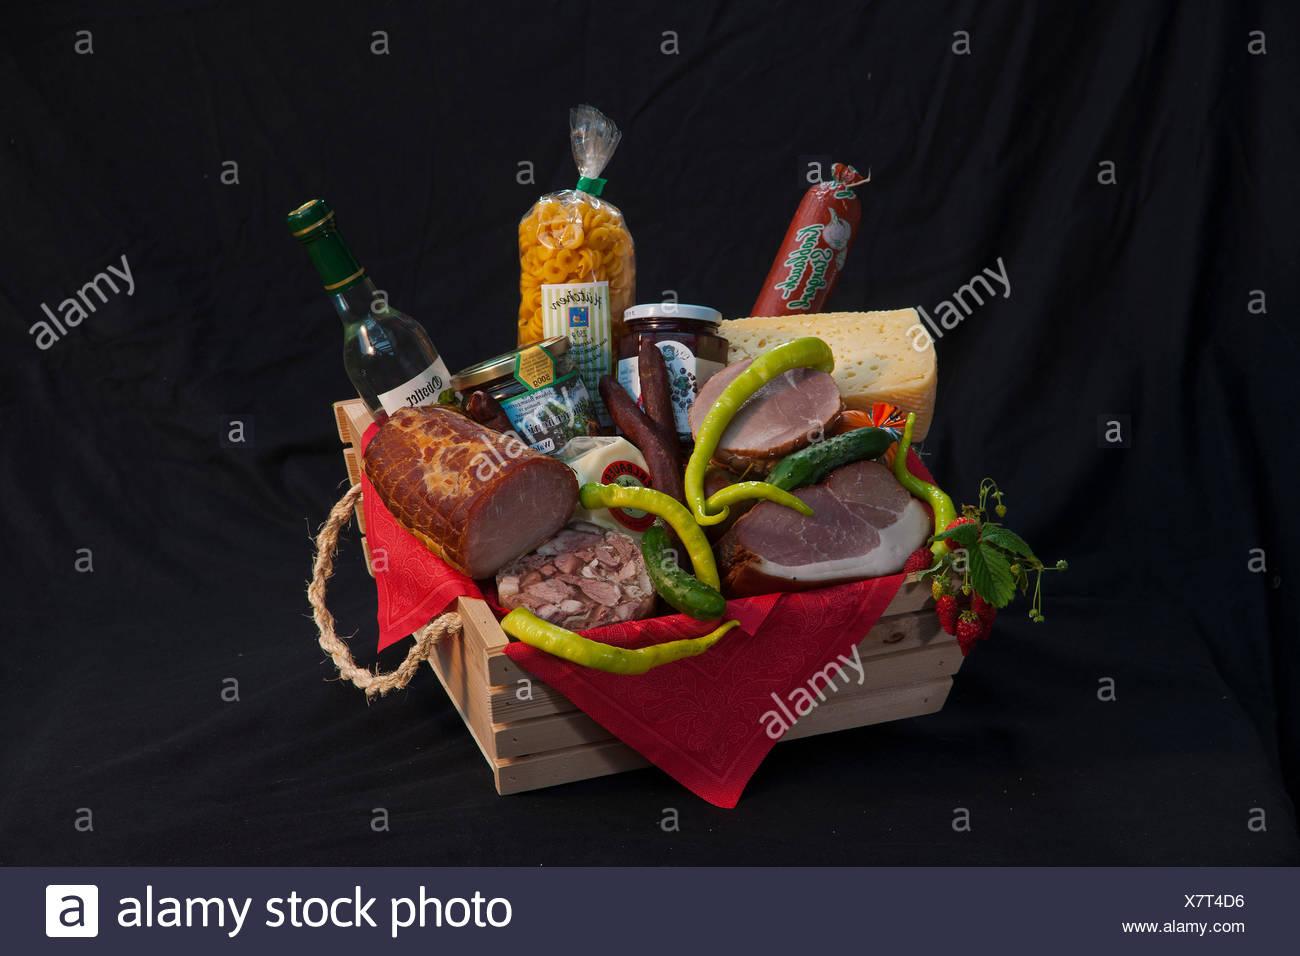 Bayern, Deutschland, Europa, Speisen, Essen, traditionell, Wurst, Fleisch, Käse, Spezialitäten, Lebensmittel, Korb, Stockbild